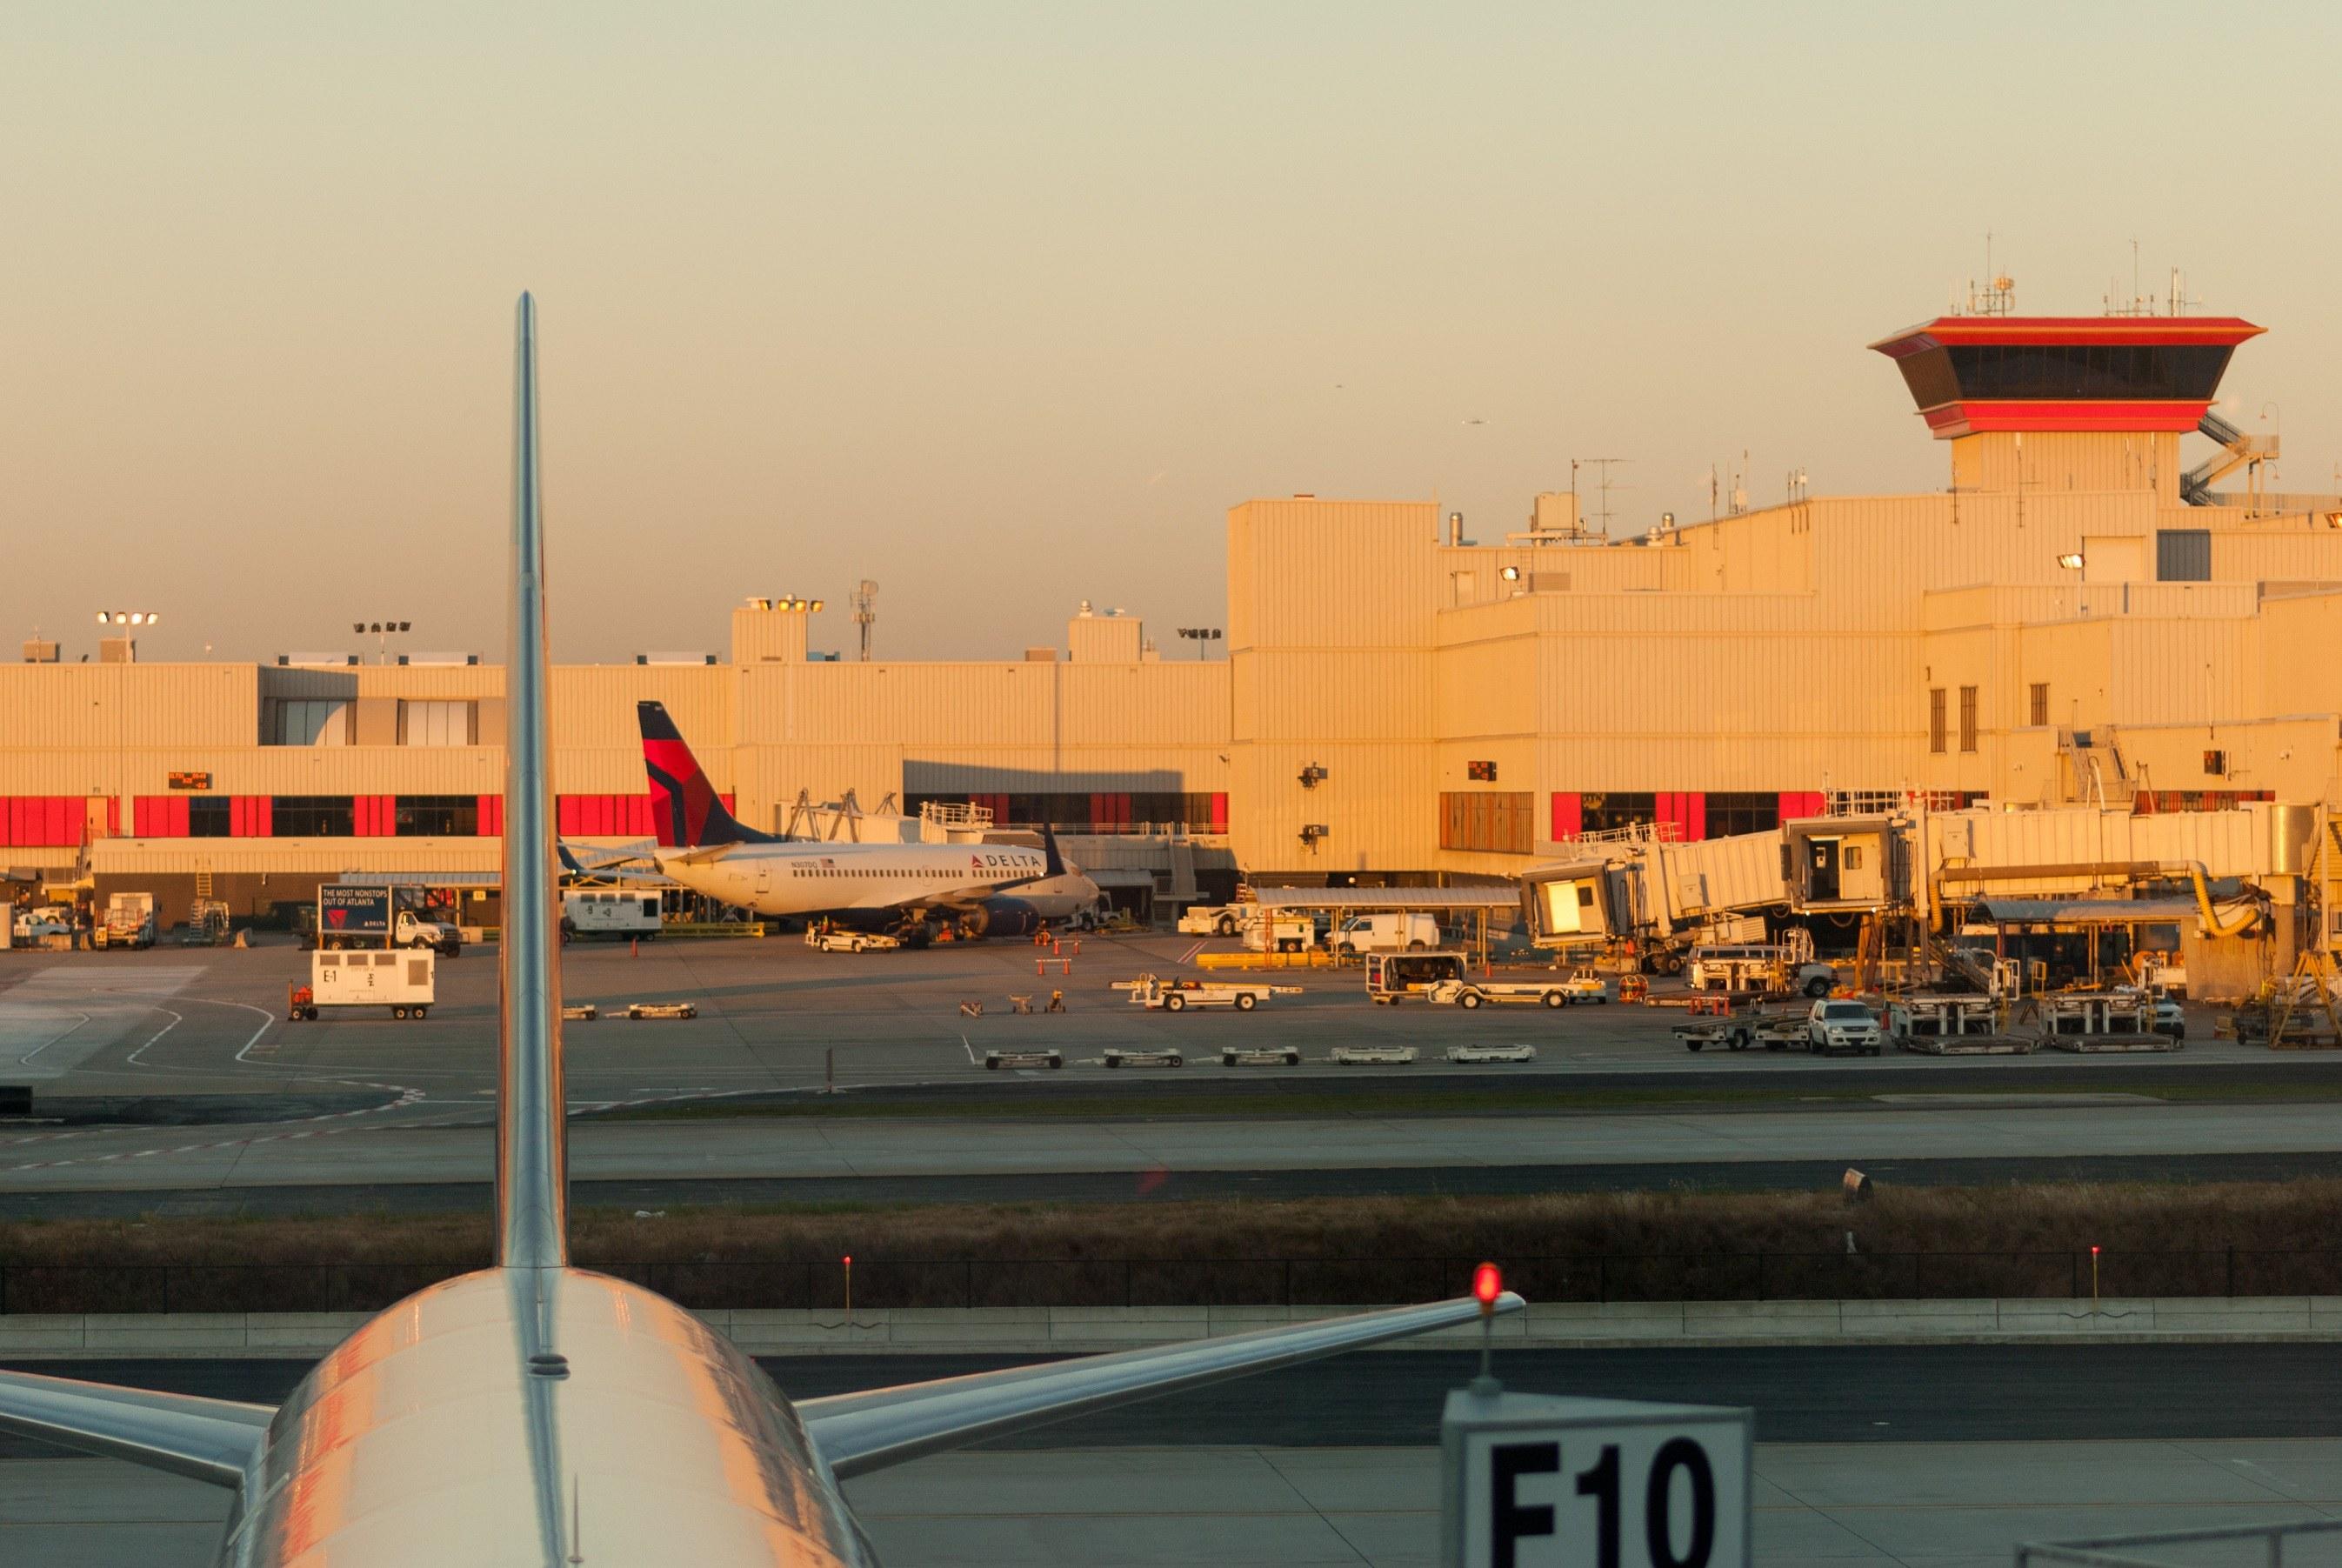 Morning in Atlanta, Airport